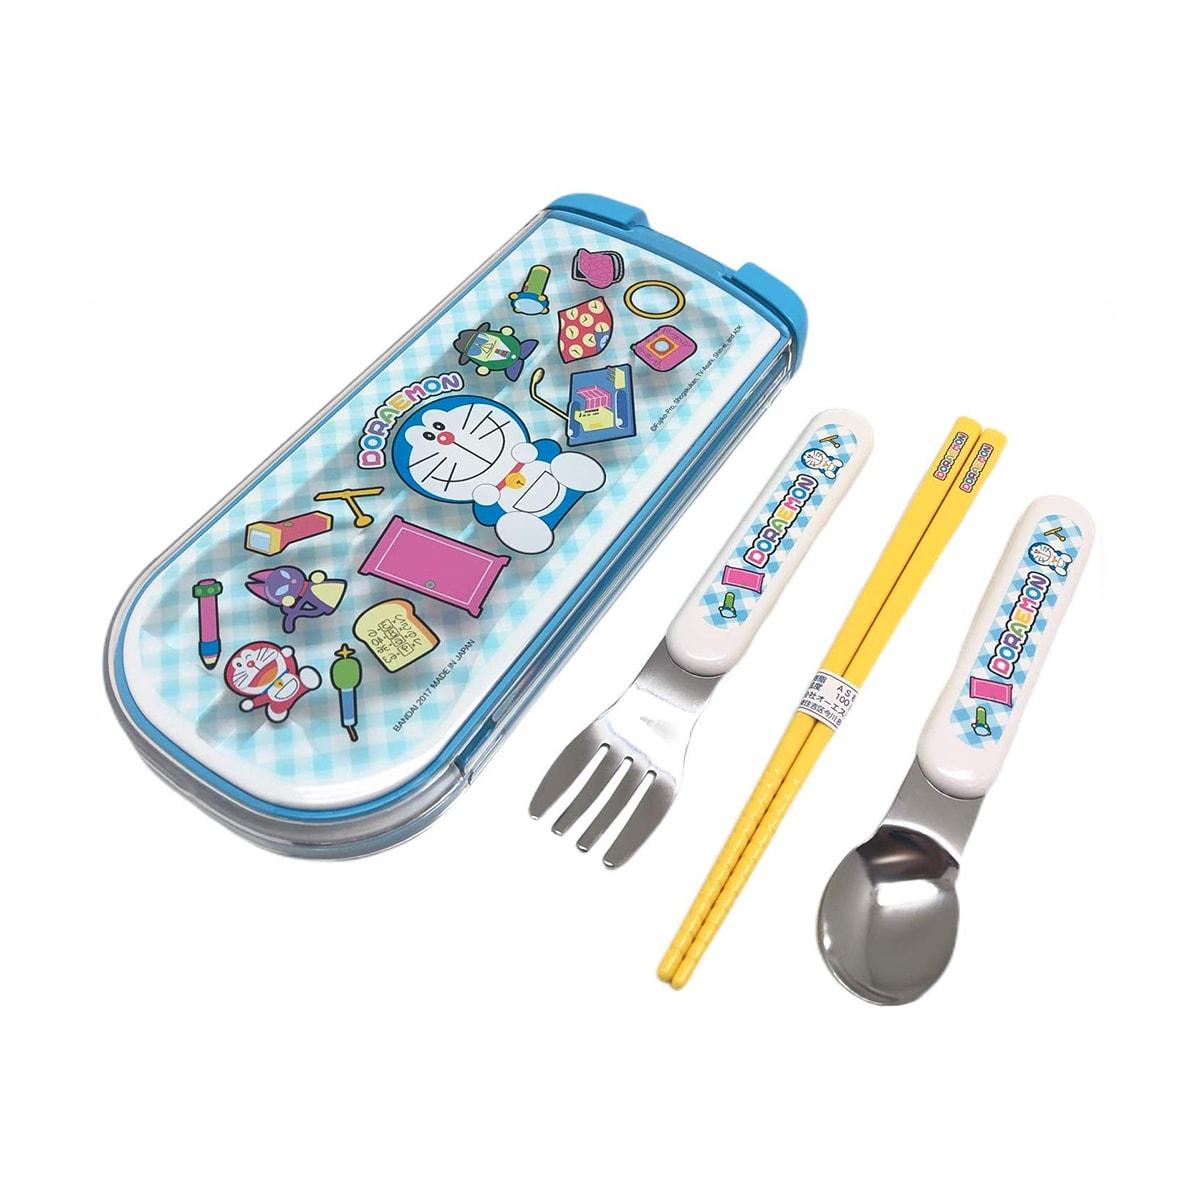 日本OSK 哆啦A梦 儿童 外用餐具组 三件套 怎么样 - 亚米网